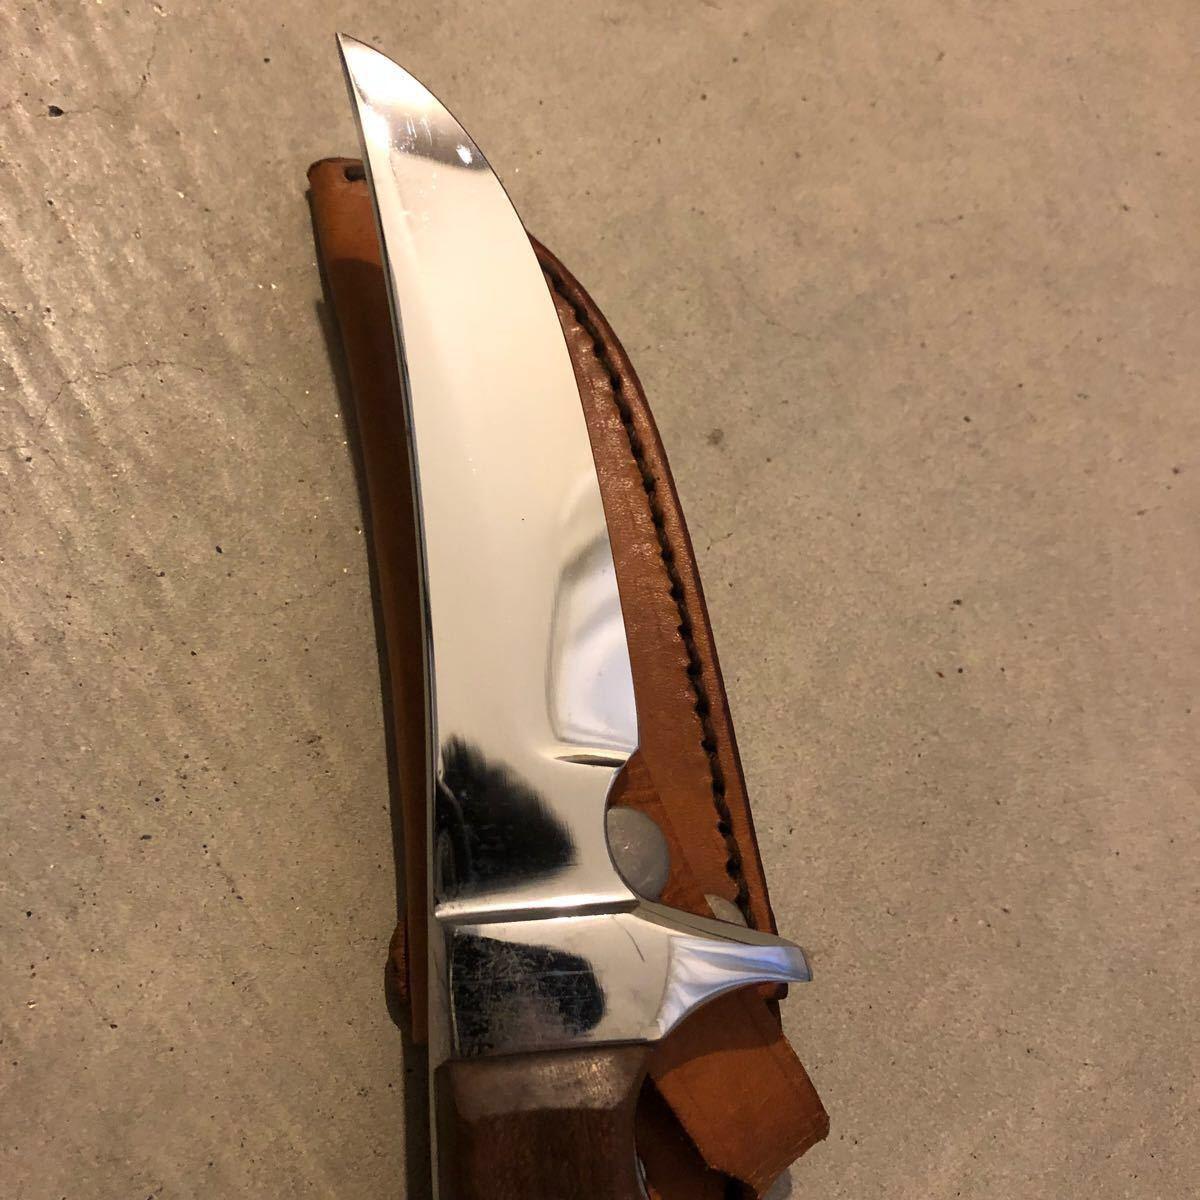 ヘンケルス アウトドアナイフ シースナイフ